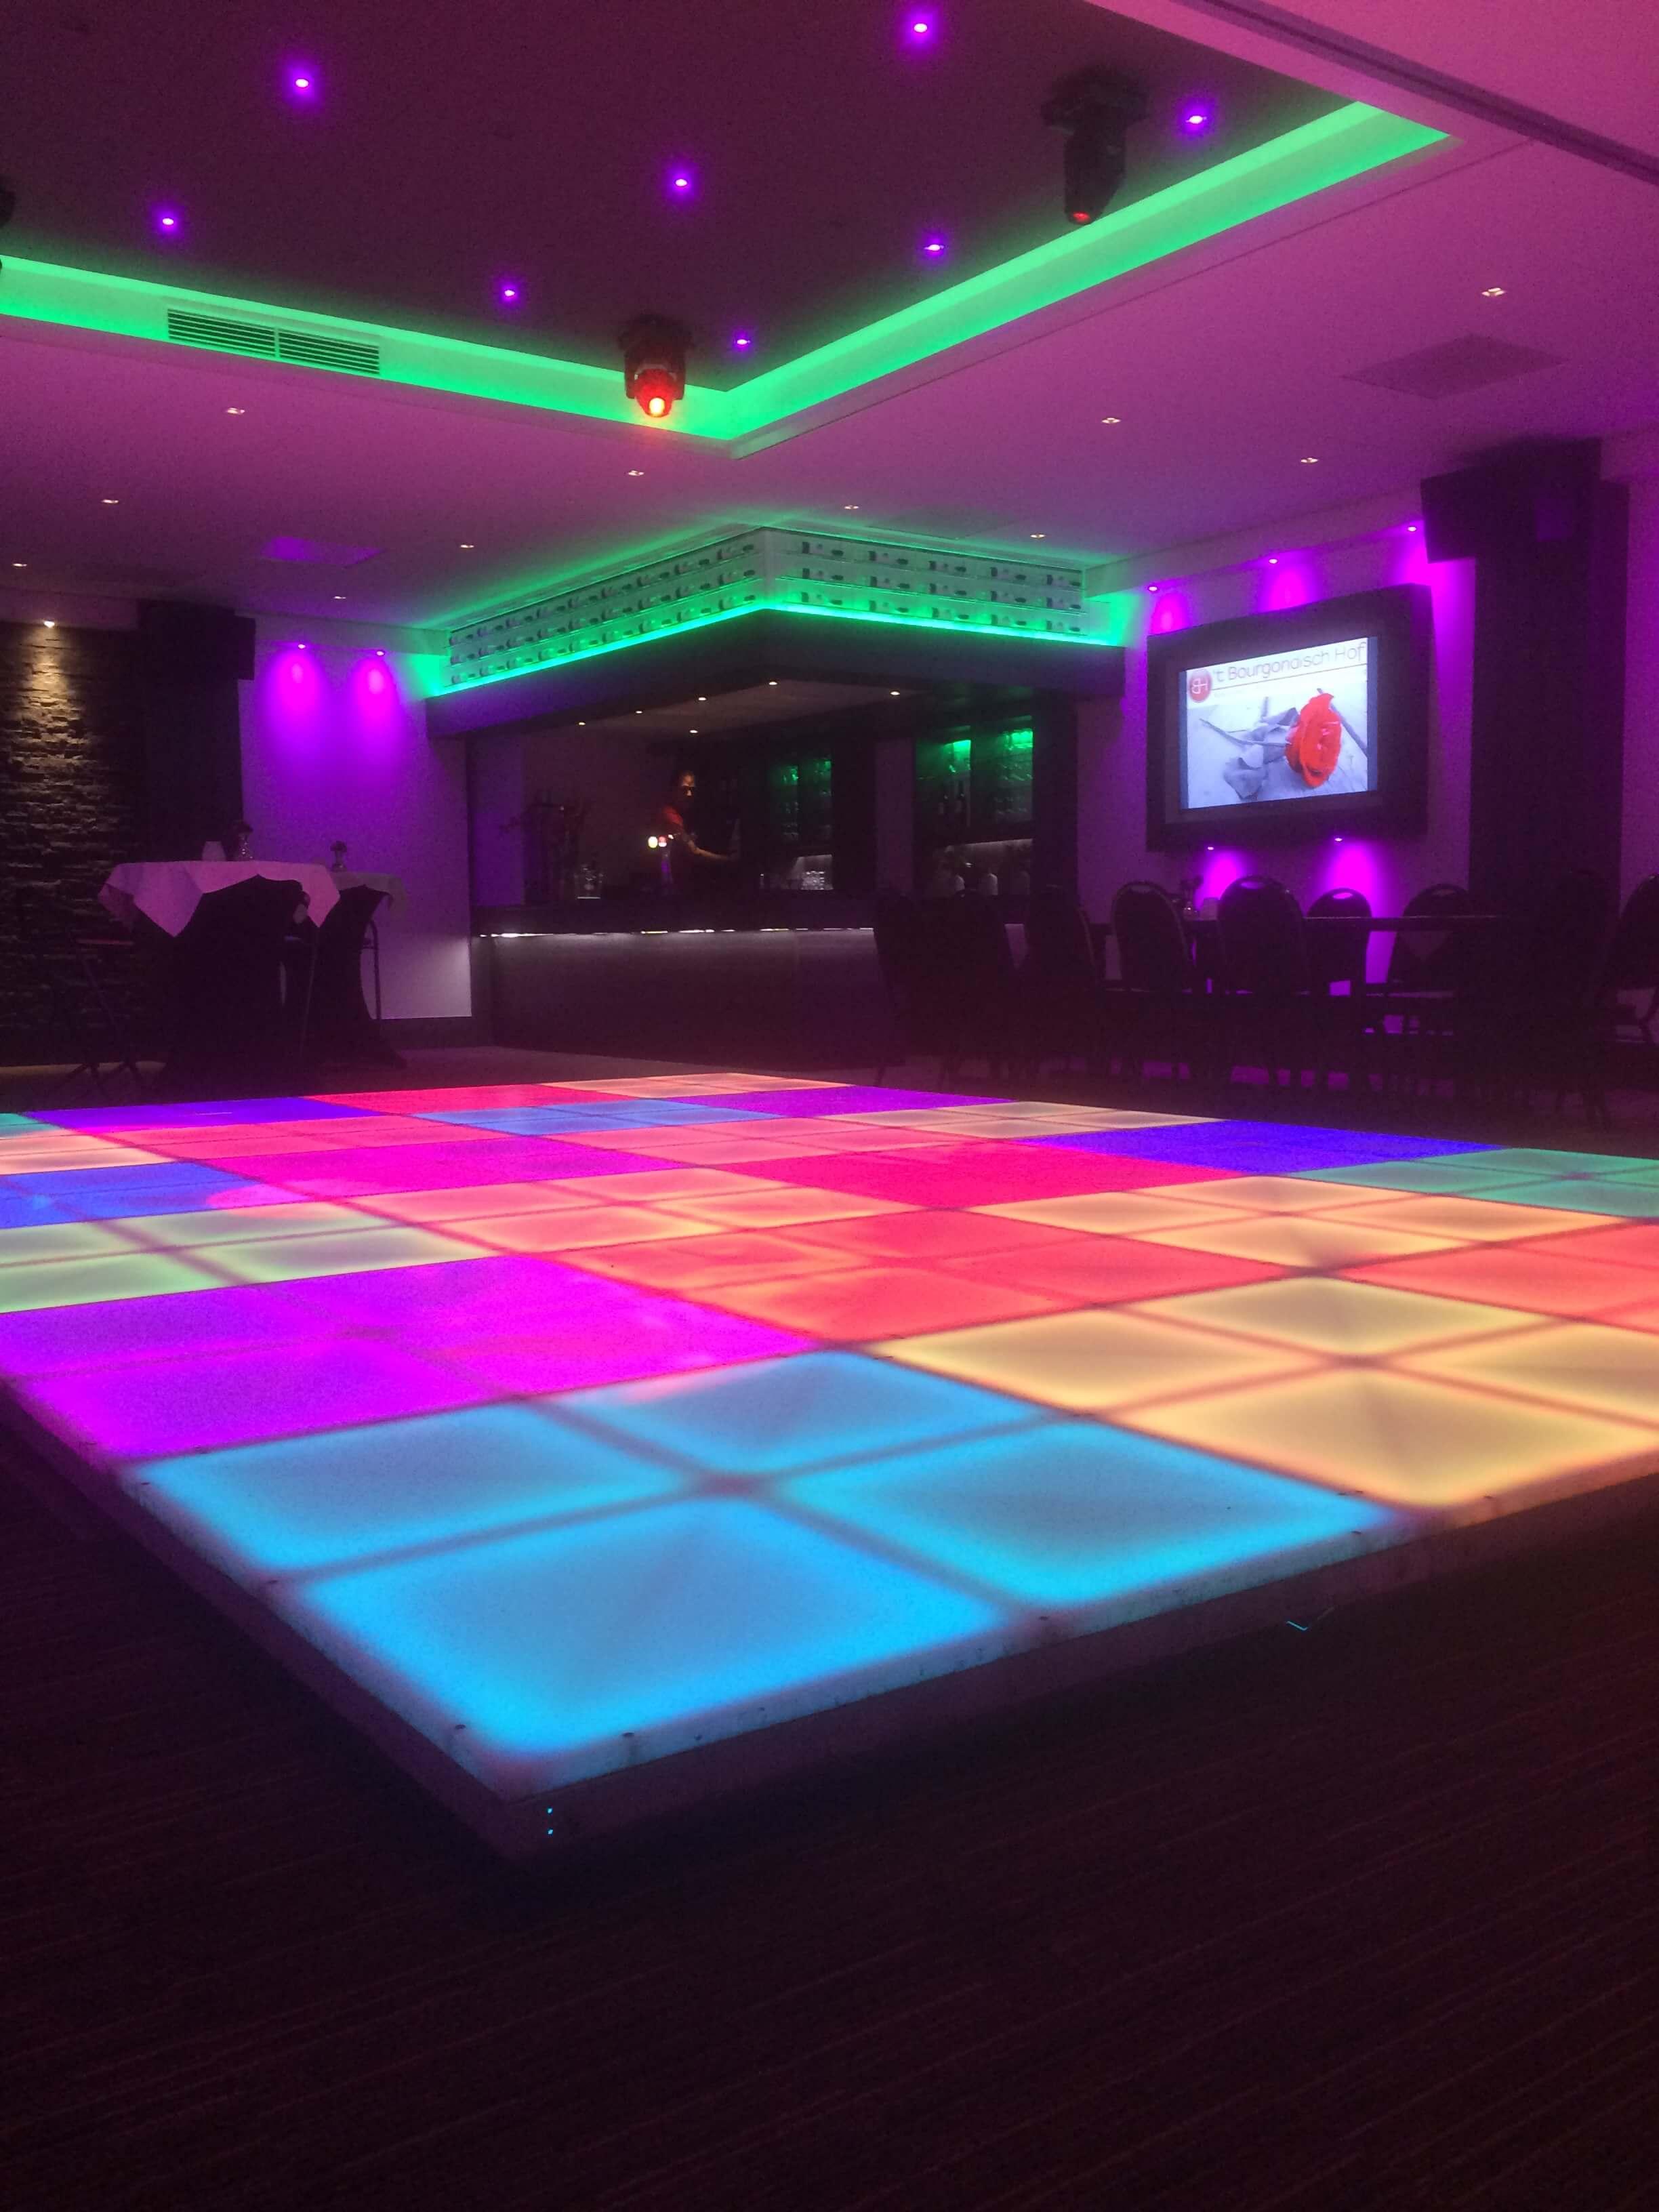 Verlichte dansvloer - De grootste verhuurder van verlichte dansvloeren!